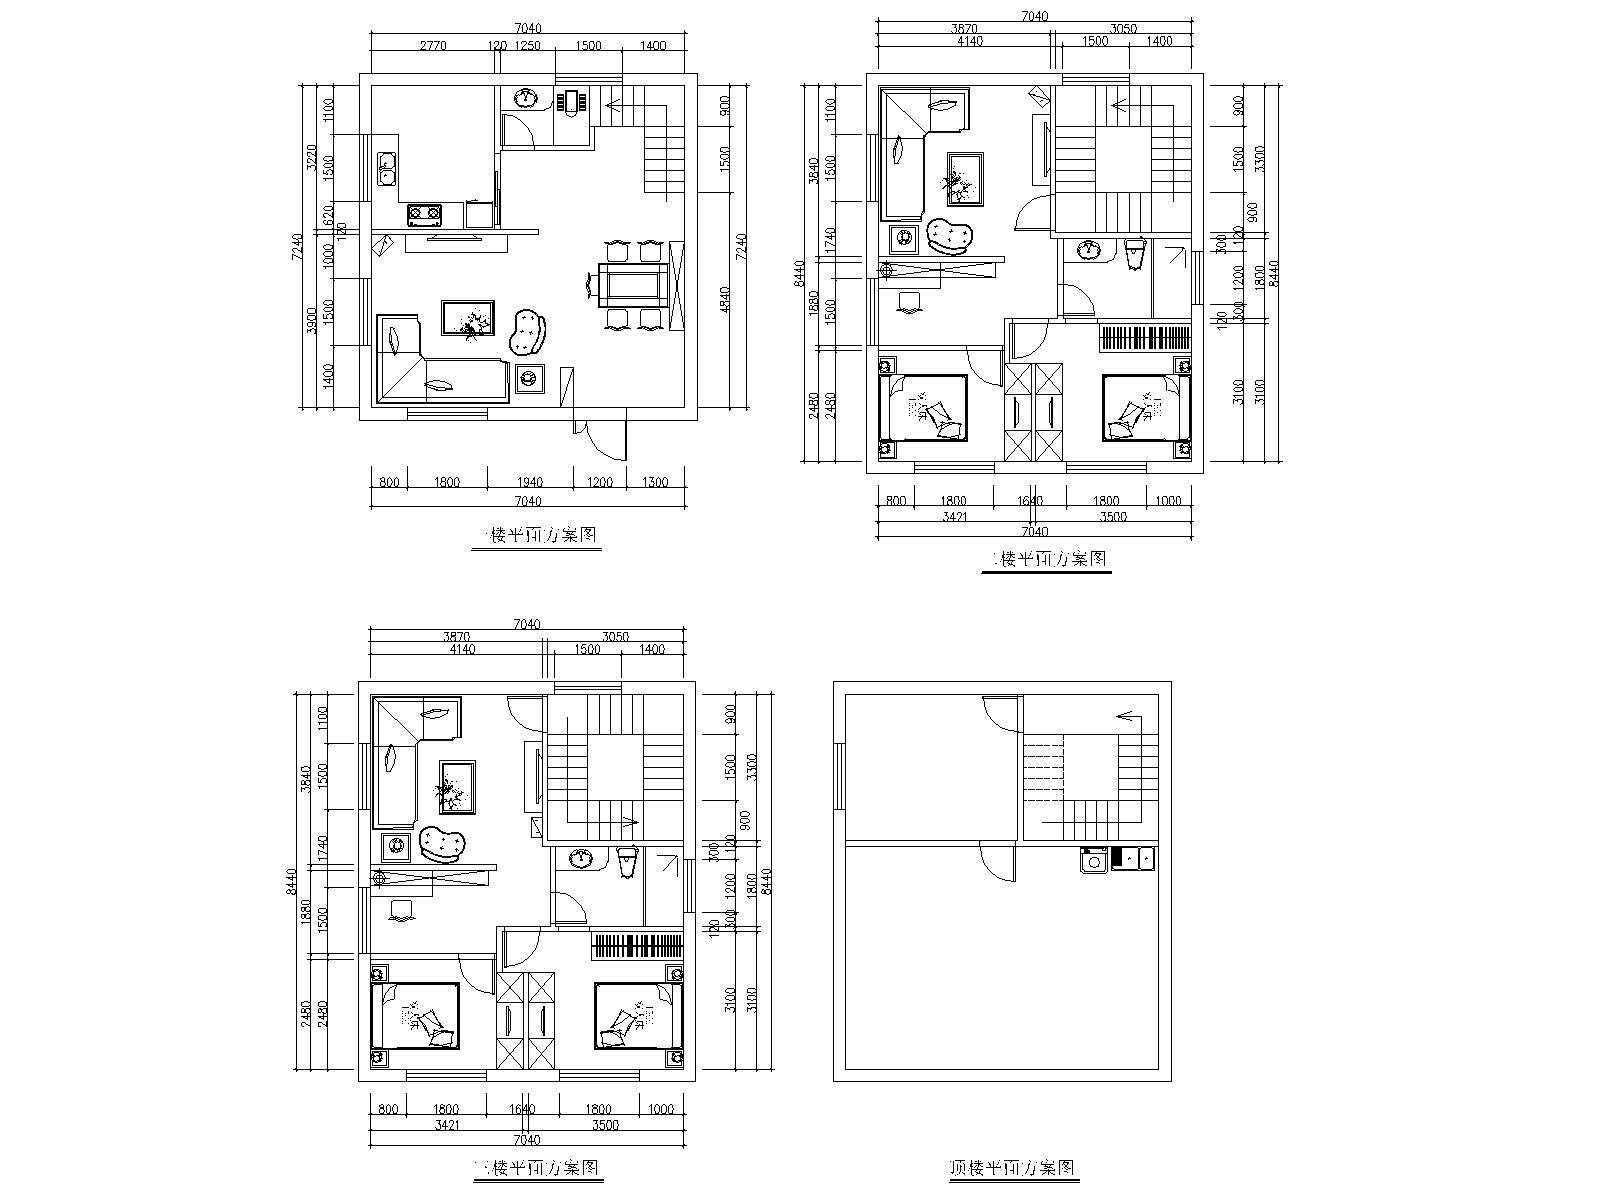 求5米*12米自建房建筑图纸(带尺寸数据)与室内图纸(带图片